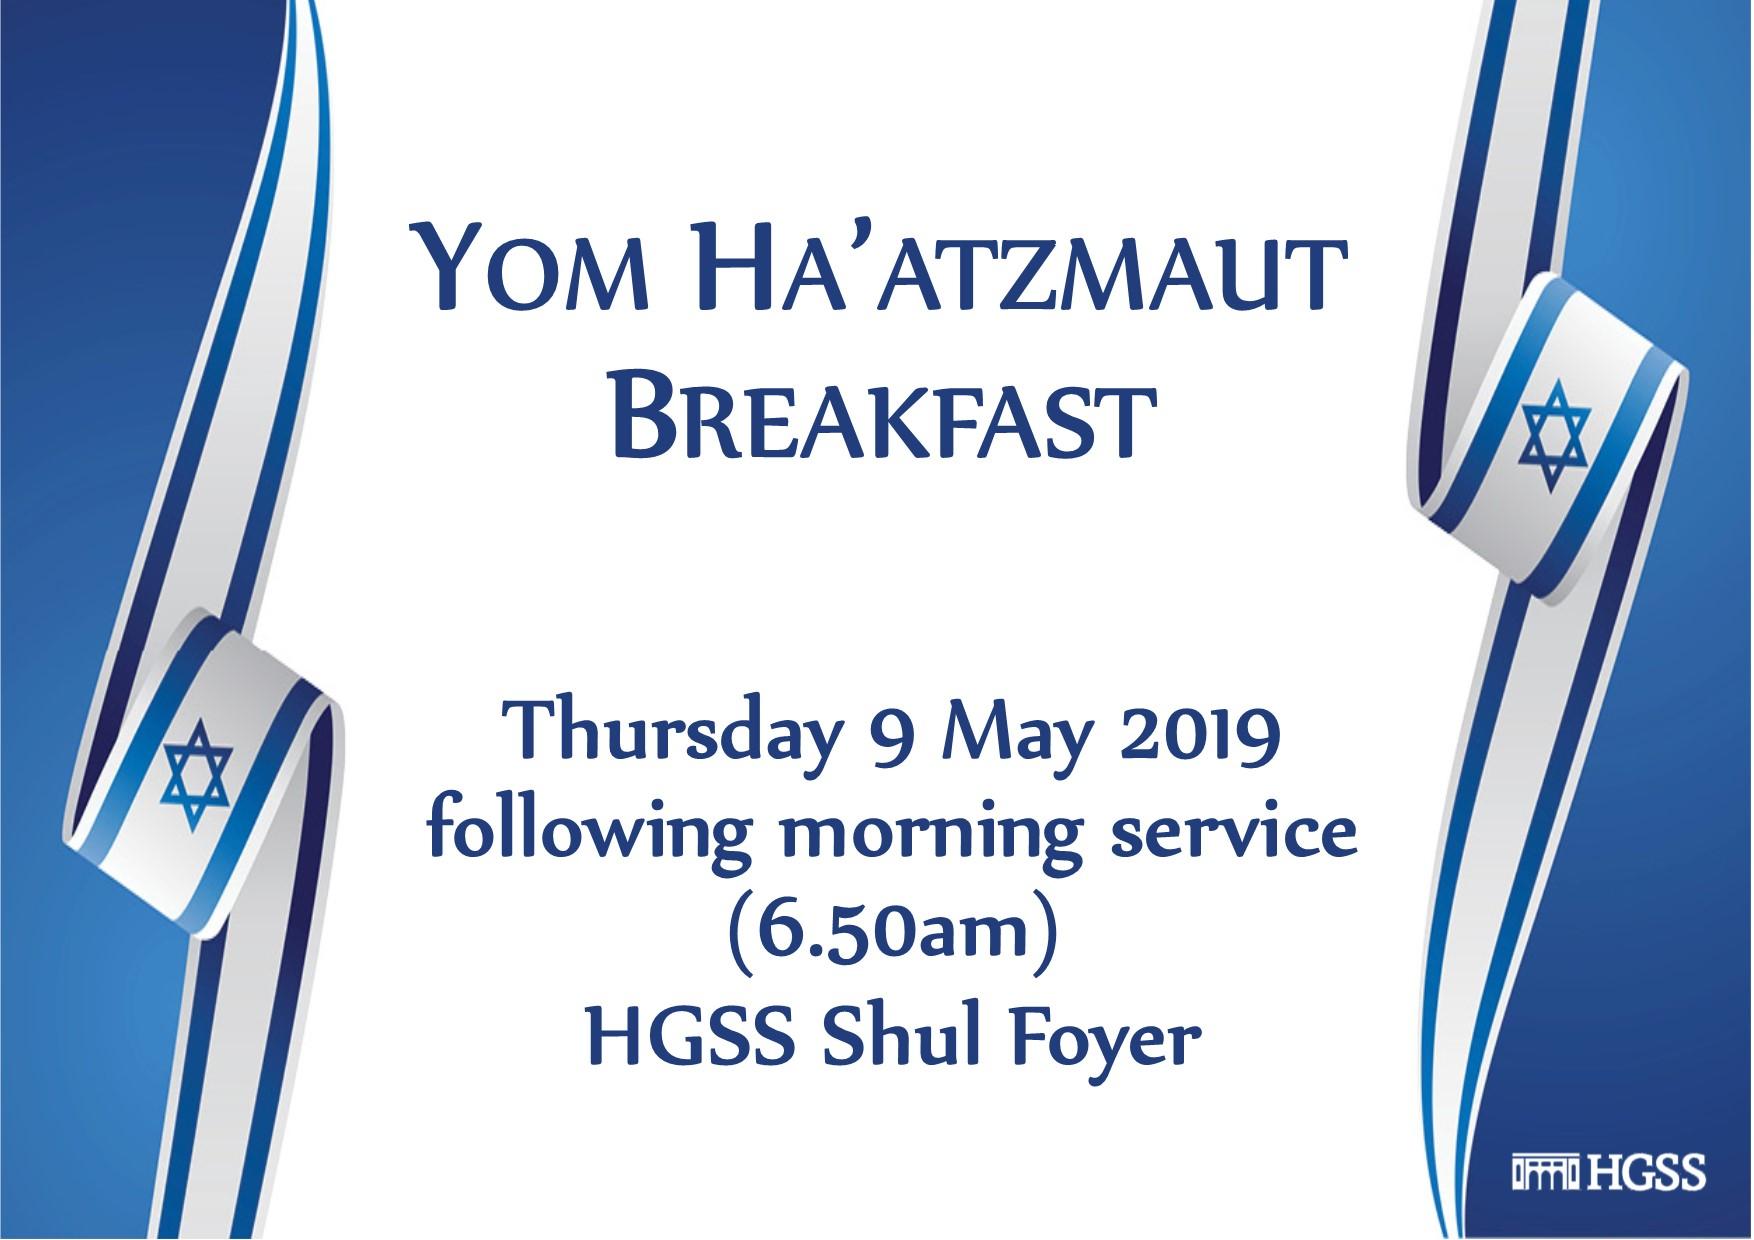 Yom ha'atzmaut breakfast